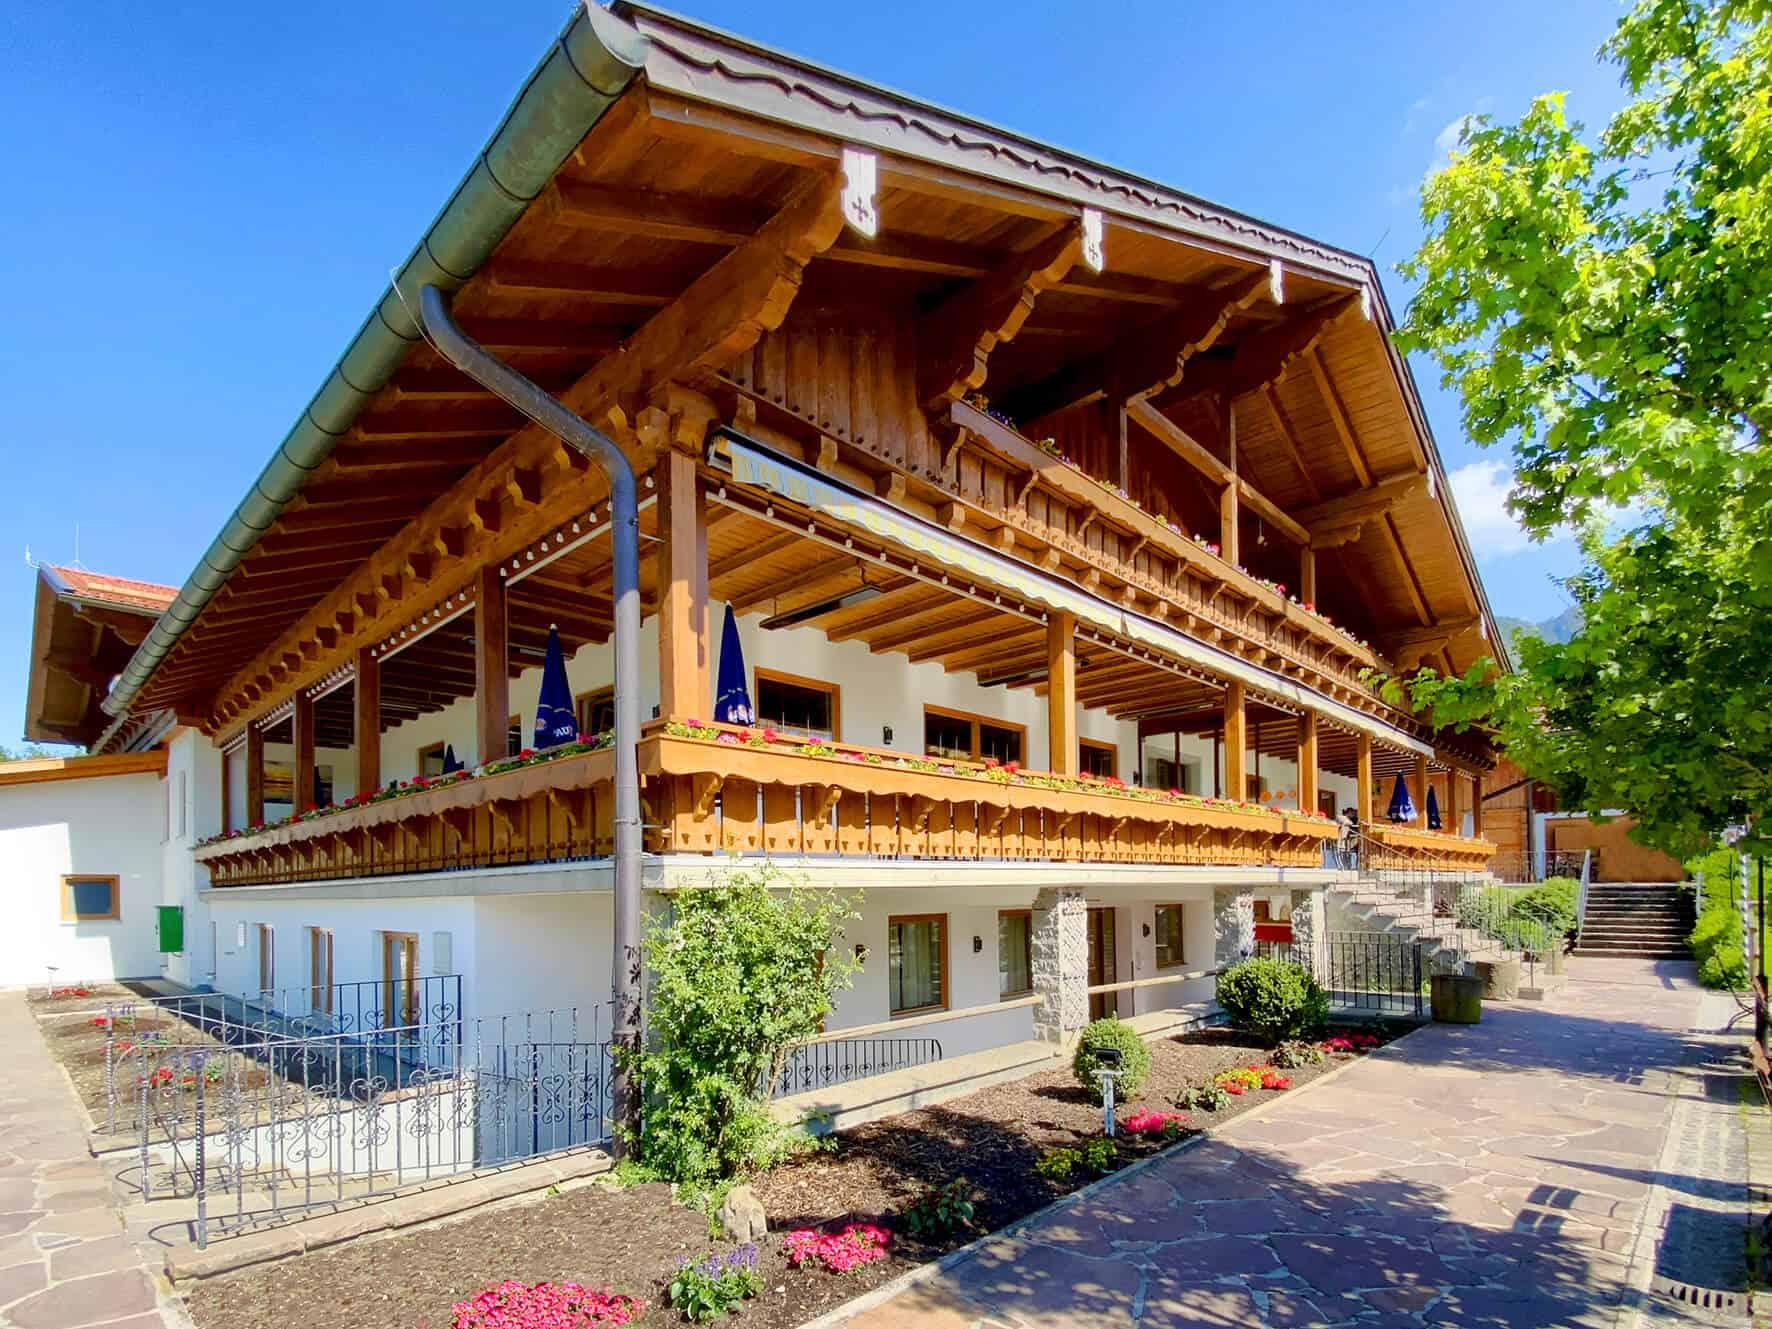 Restaurant Bannwaldsee mit beheizbarer Aussichtsterrasse